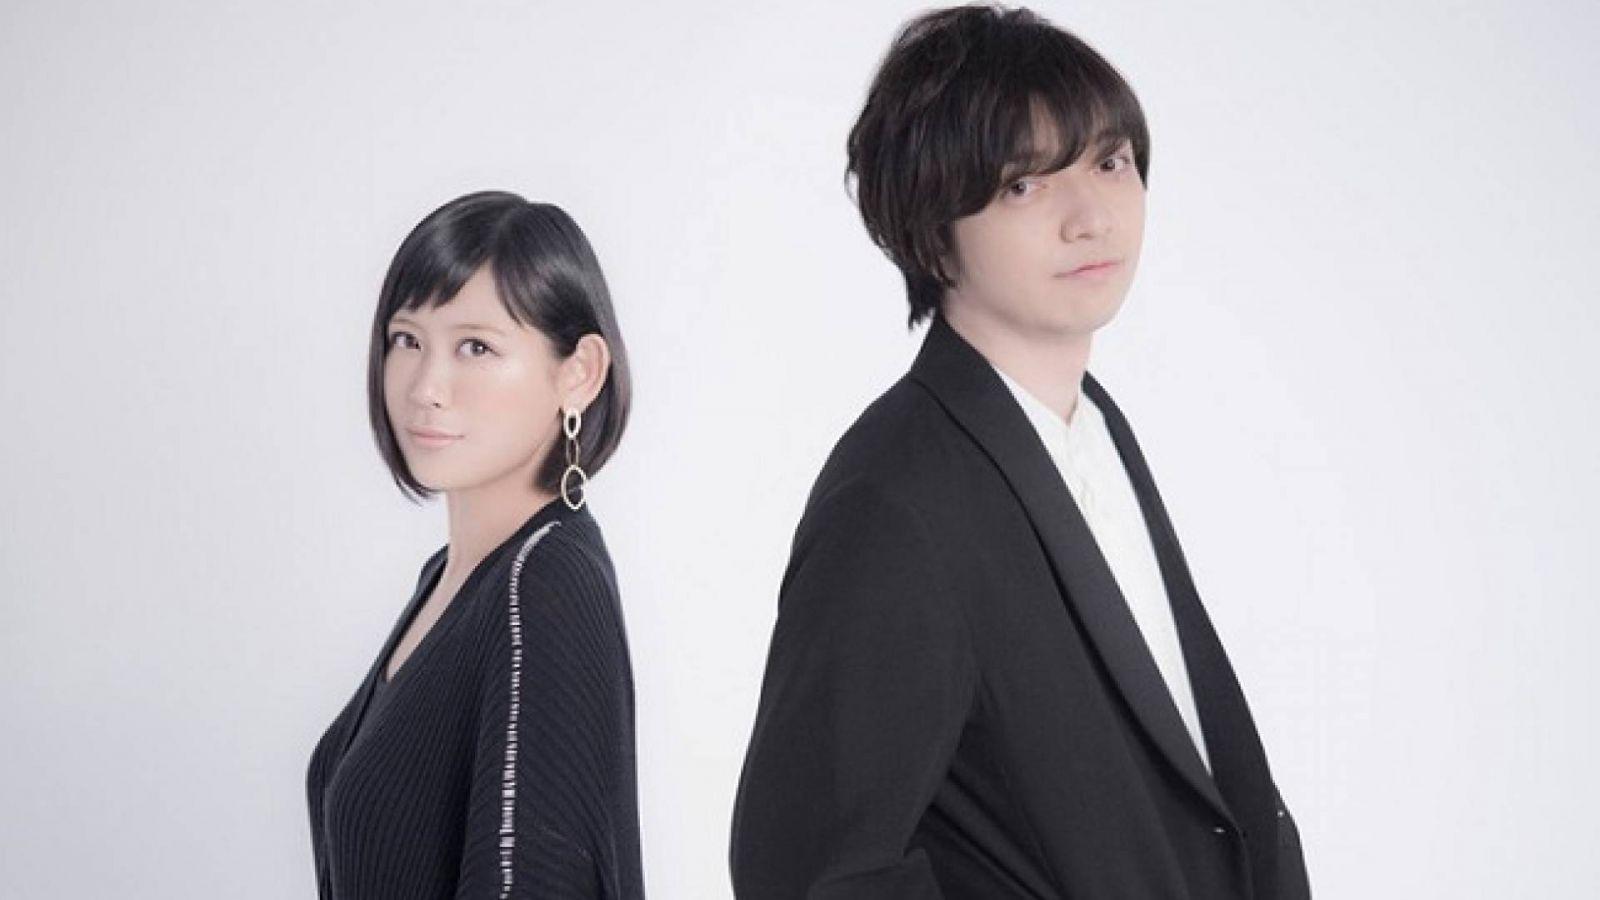 Совместный сингл Ayaka и Miura Daichi © A stAtion